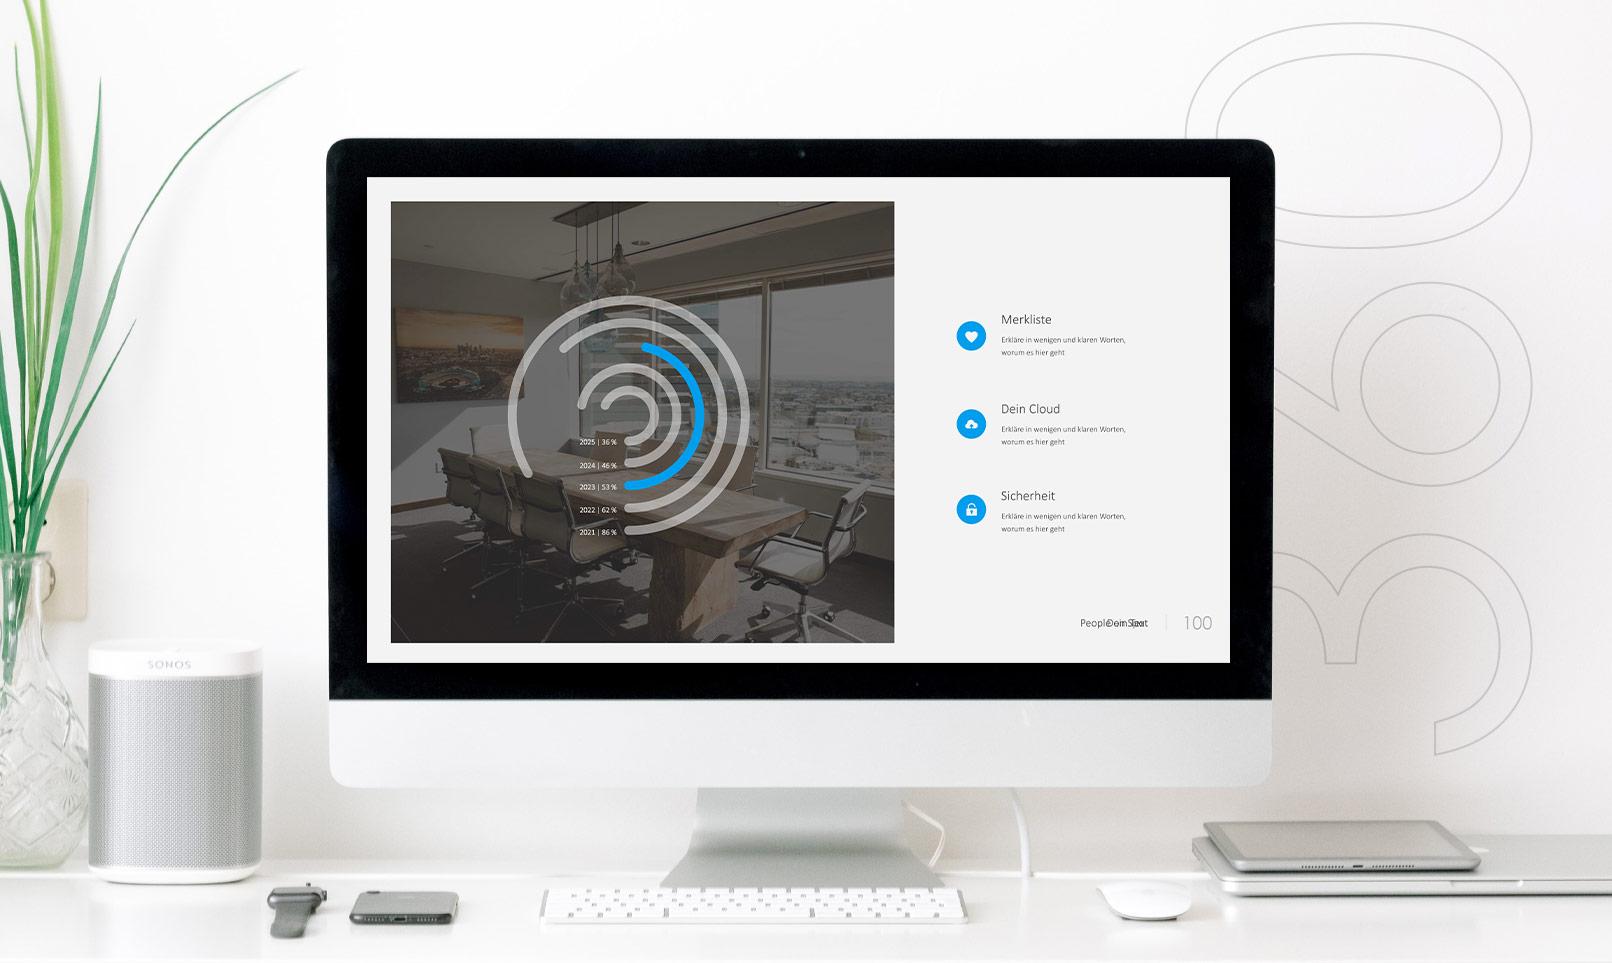 Vorlage für Keynote-Präsentationen: Folie mit Bild und Text auf einem Monitor